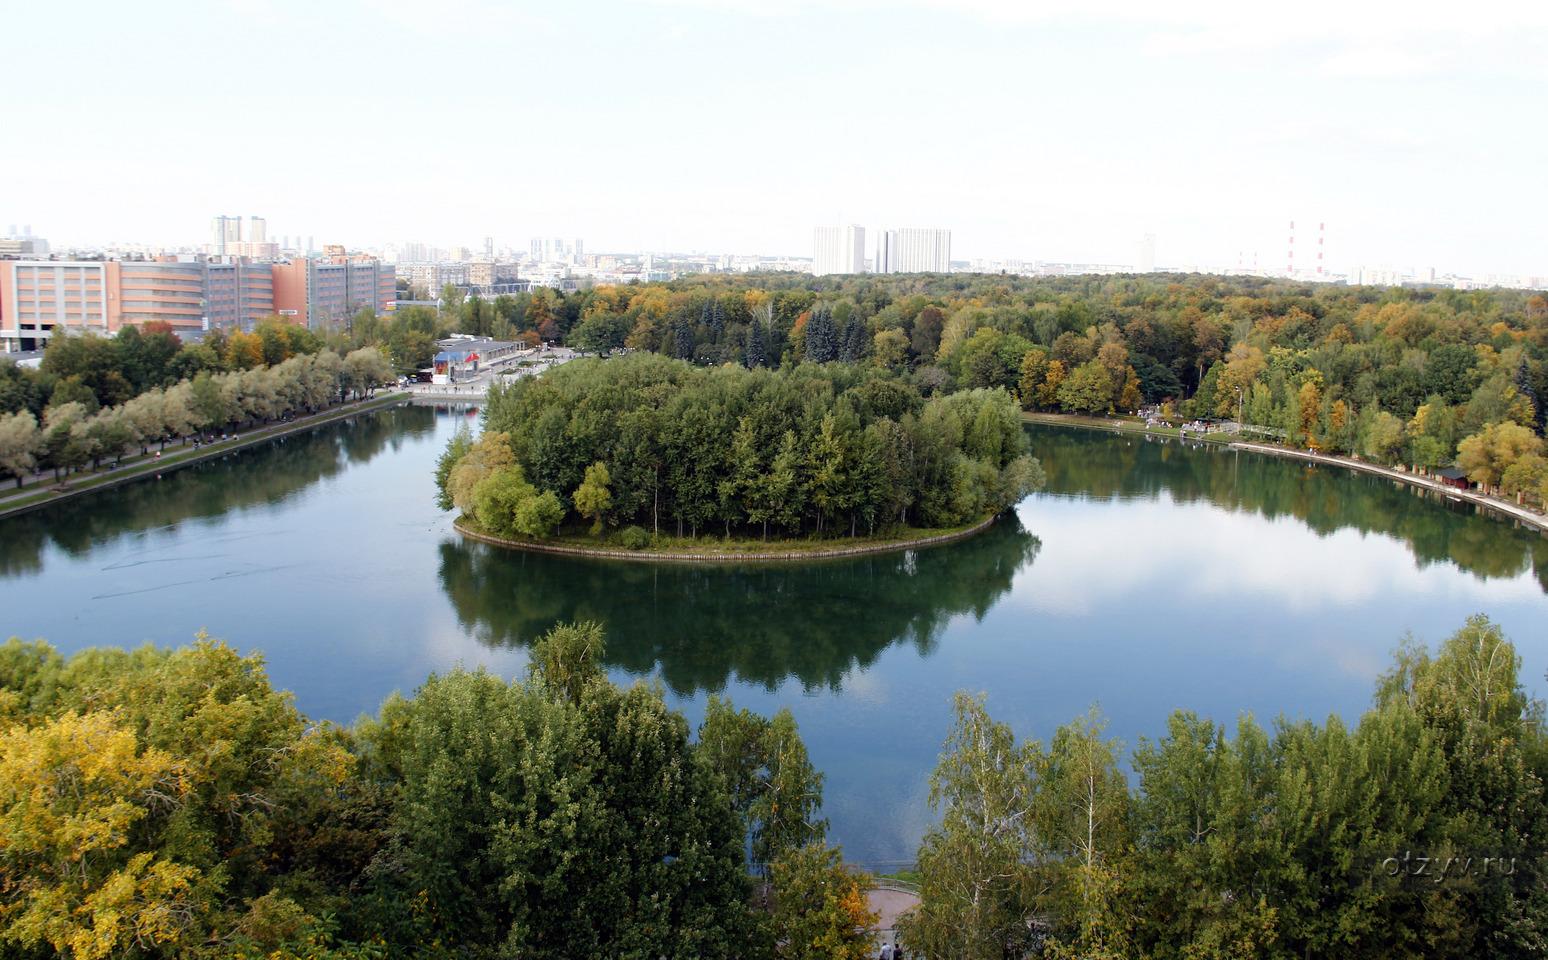 балконы картинка измайловского парка французского